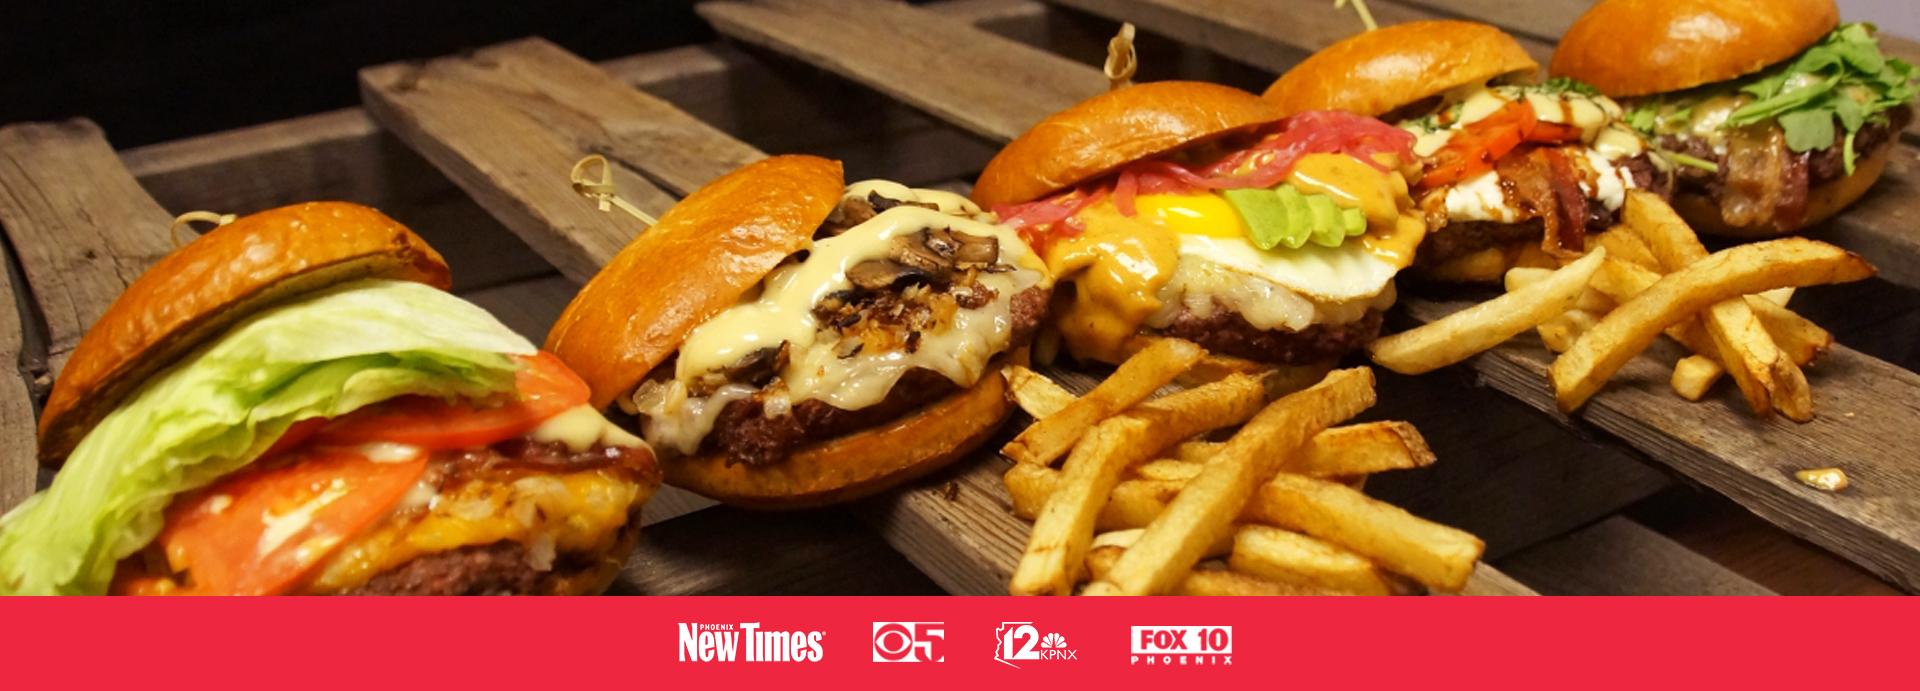 Aioli Gourmet Burgers image 27